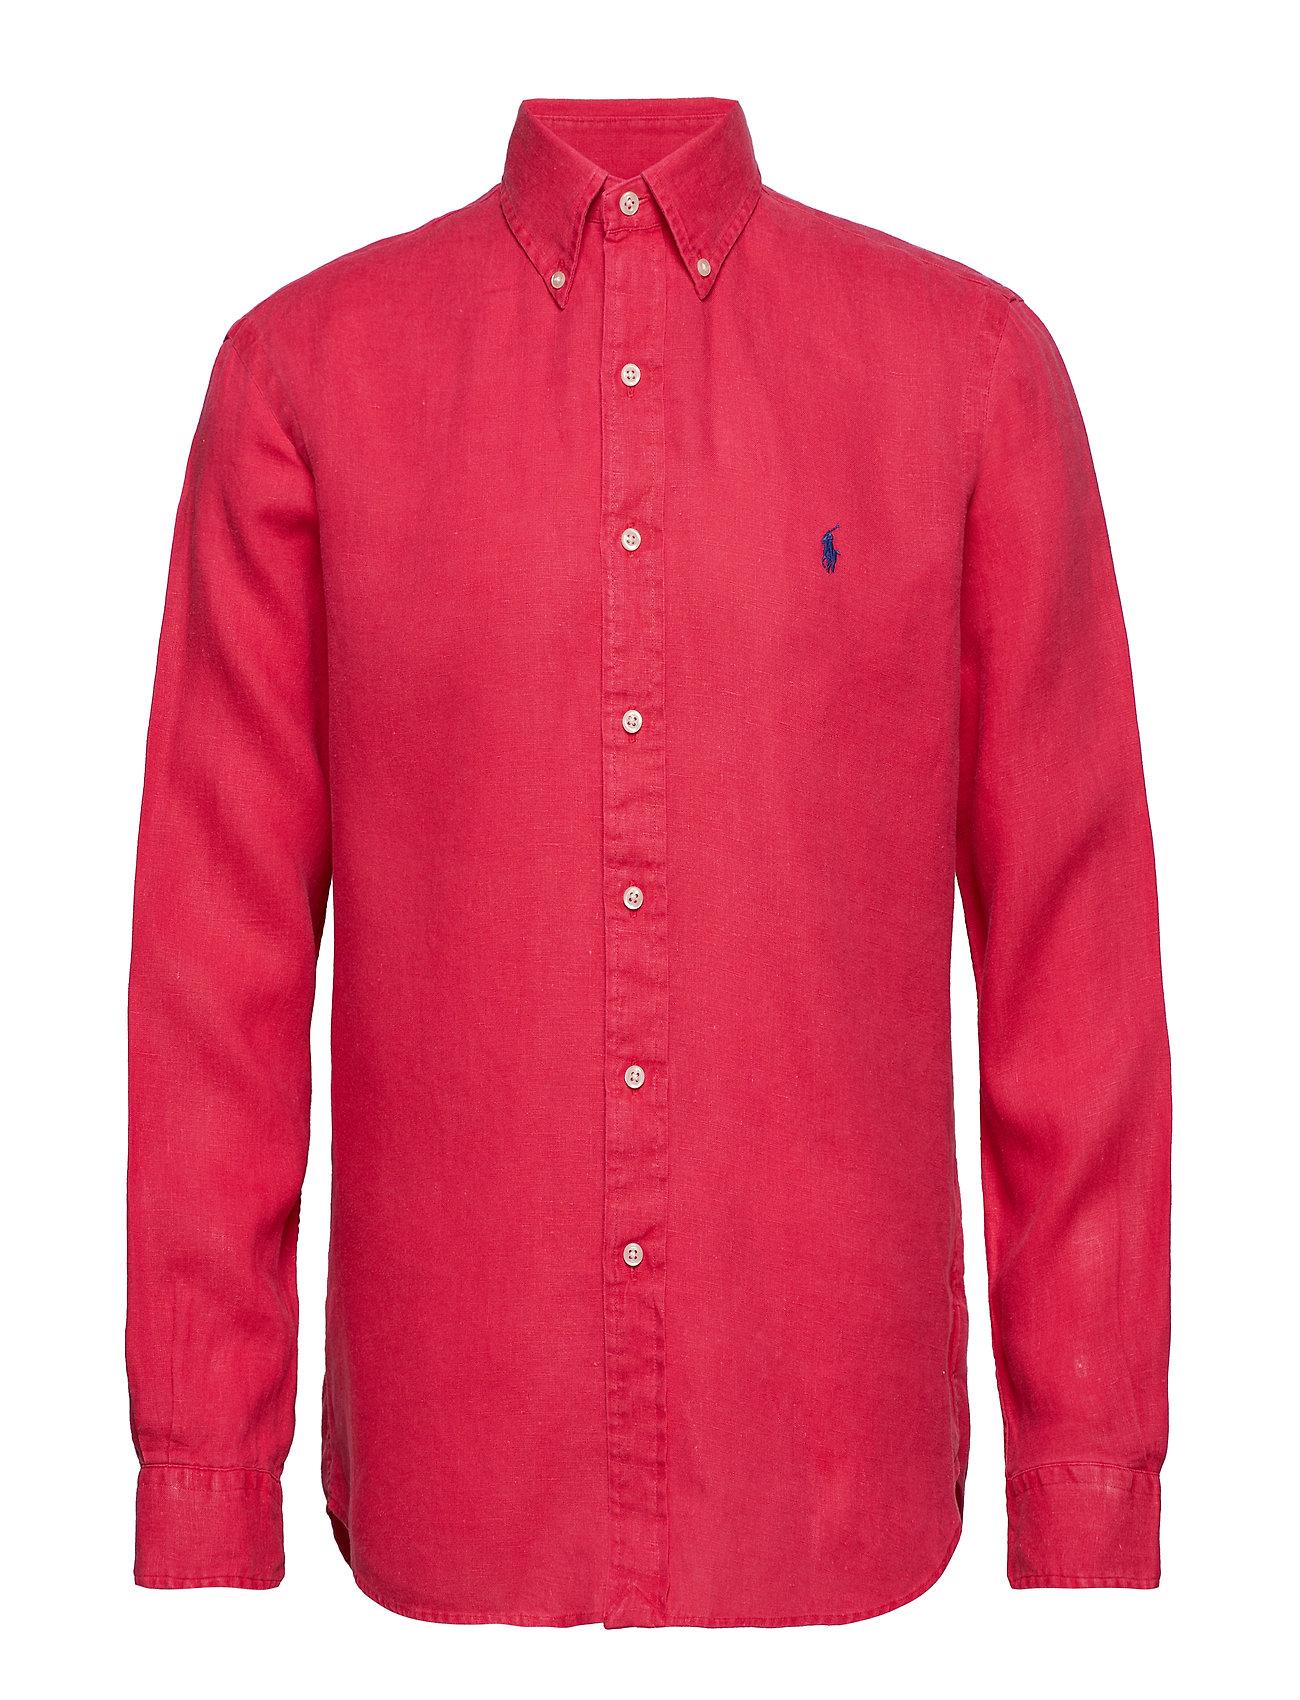 Polo Ralph Lauren BD PPC SPT-LONG SLEEVE-SPORT SHIRT - BERMUDA RED